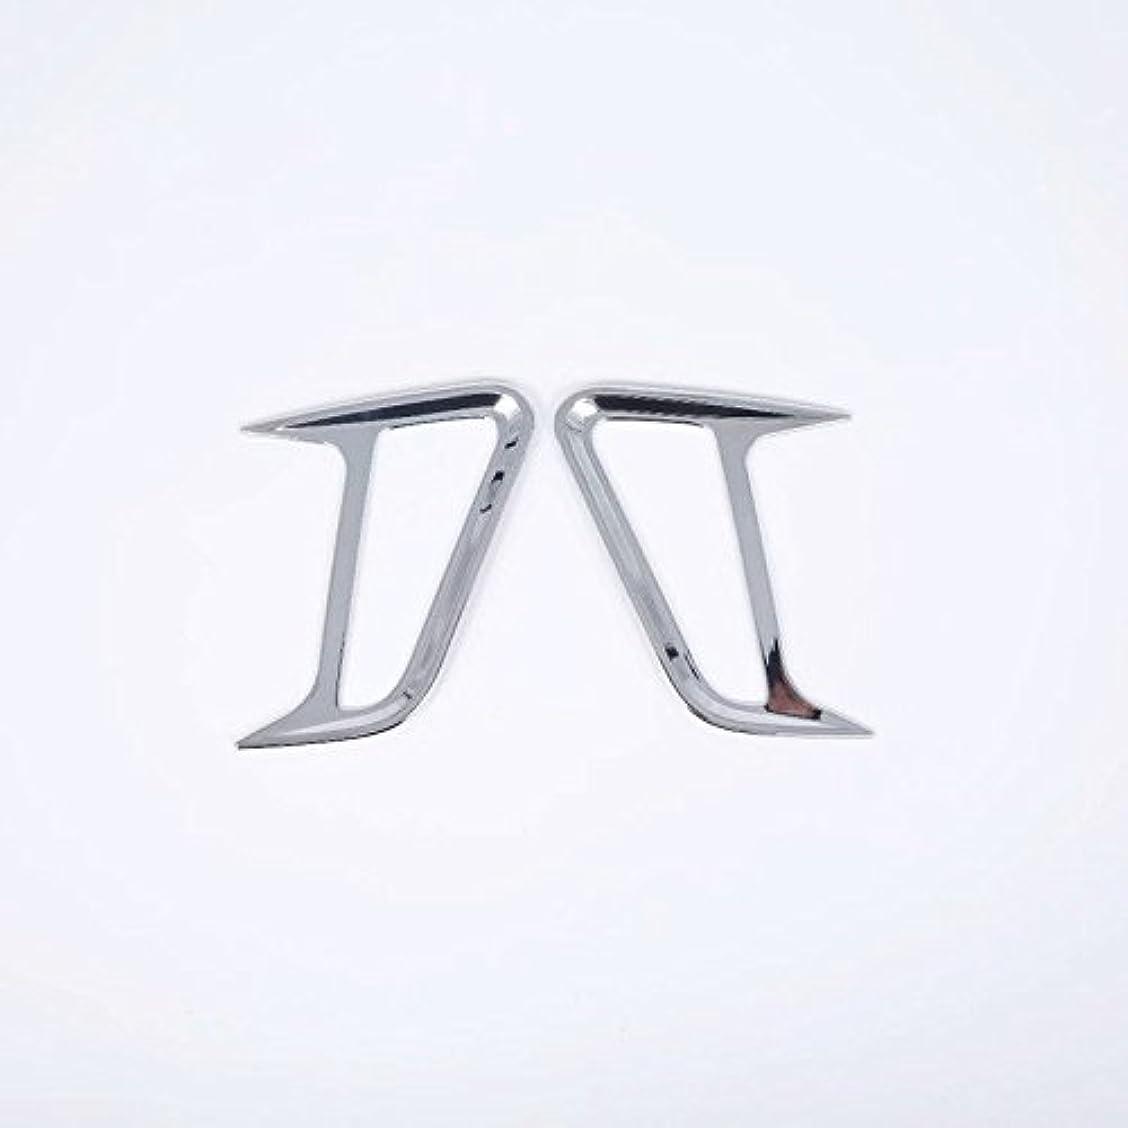 摂氏度ネーピア市民権Jicorzo - 2个ABSクローム車のサイド現代コナ2017年から2018年カーエクステリアアクセサリースタイリングのためのシグナルライトカバートリムフィットを回し